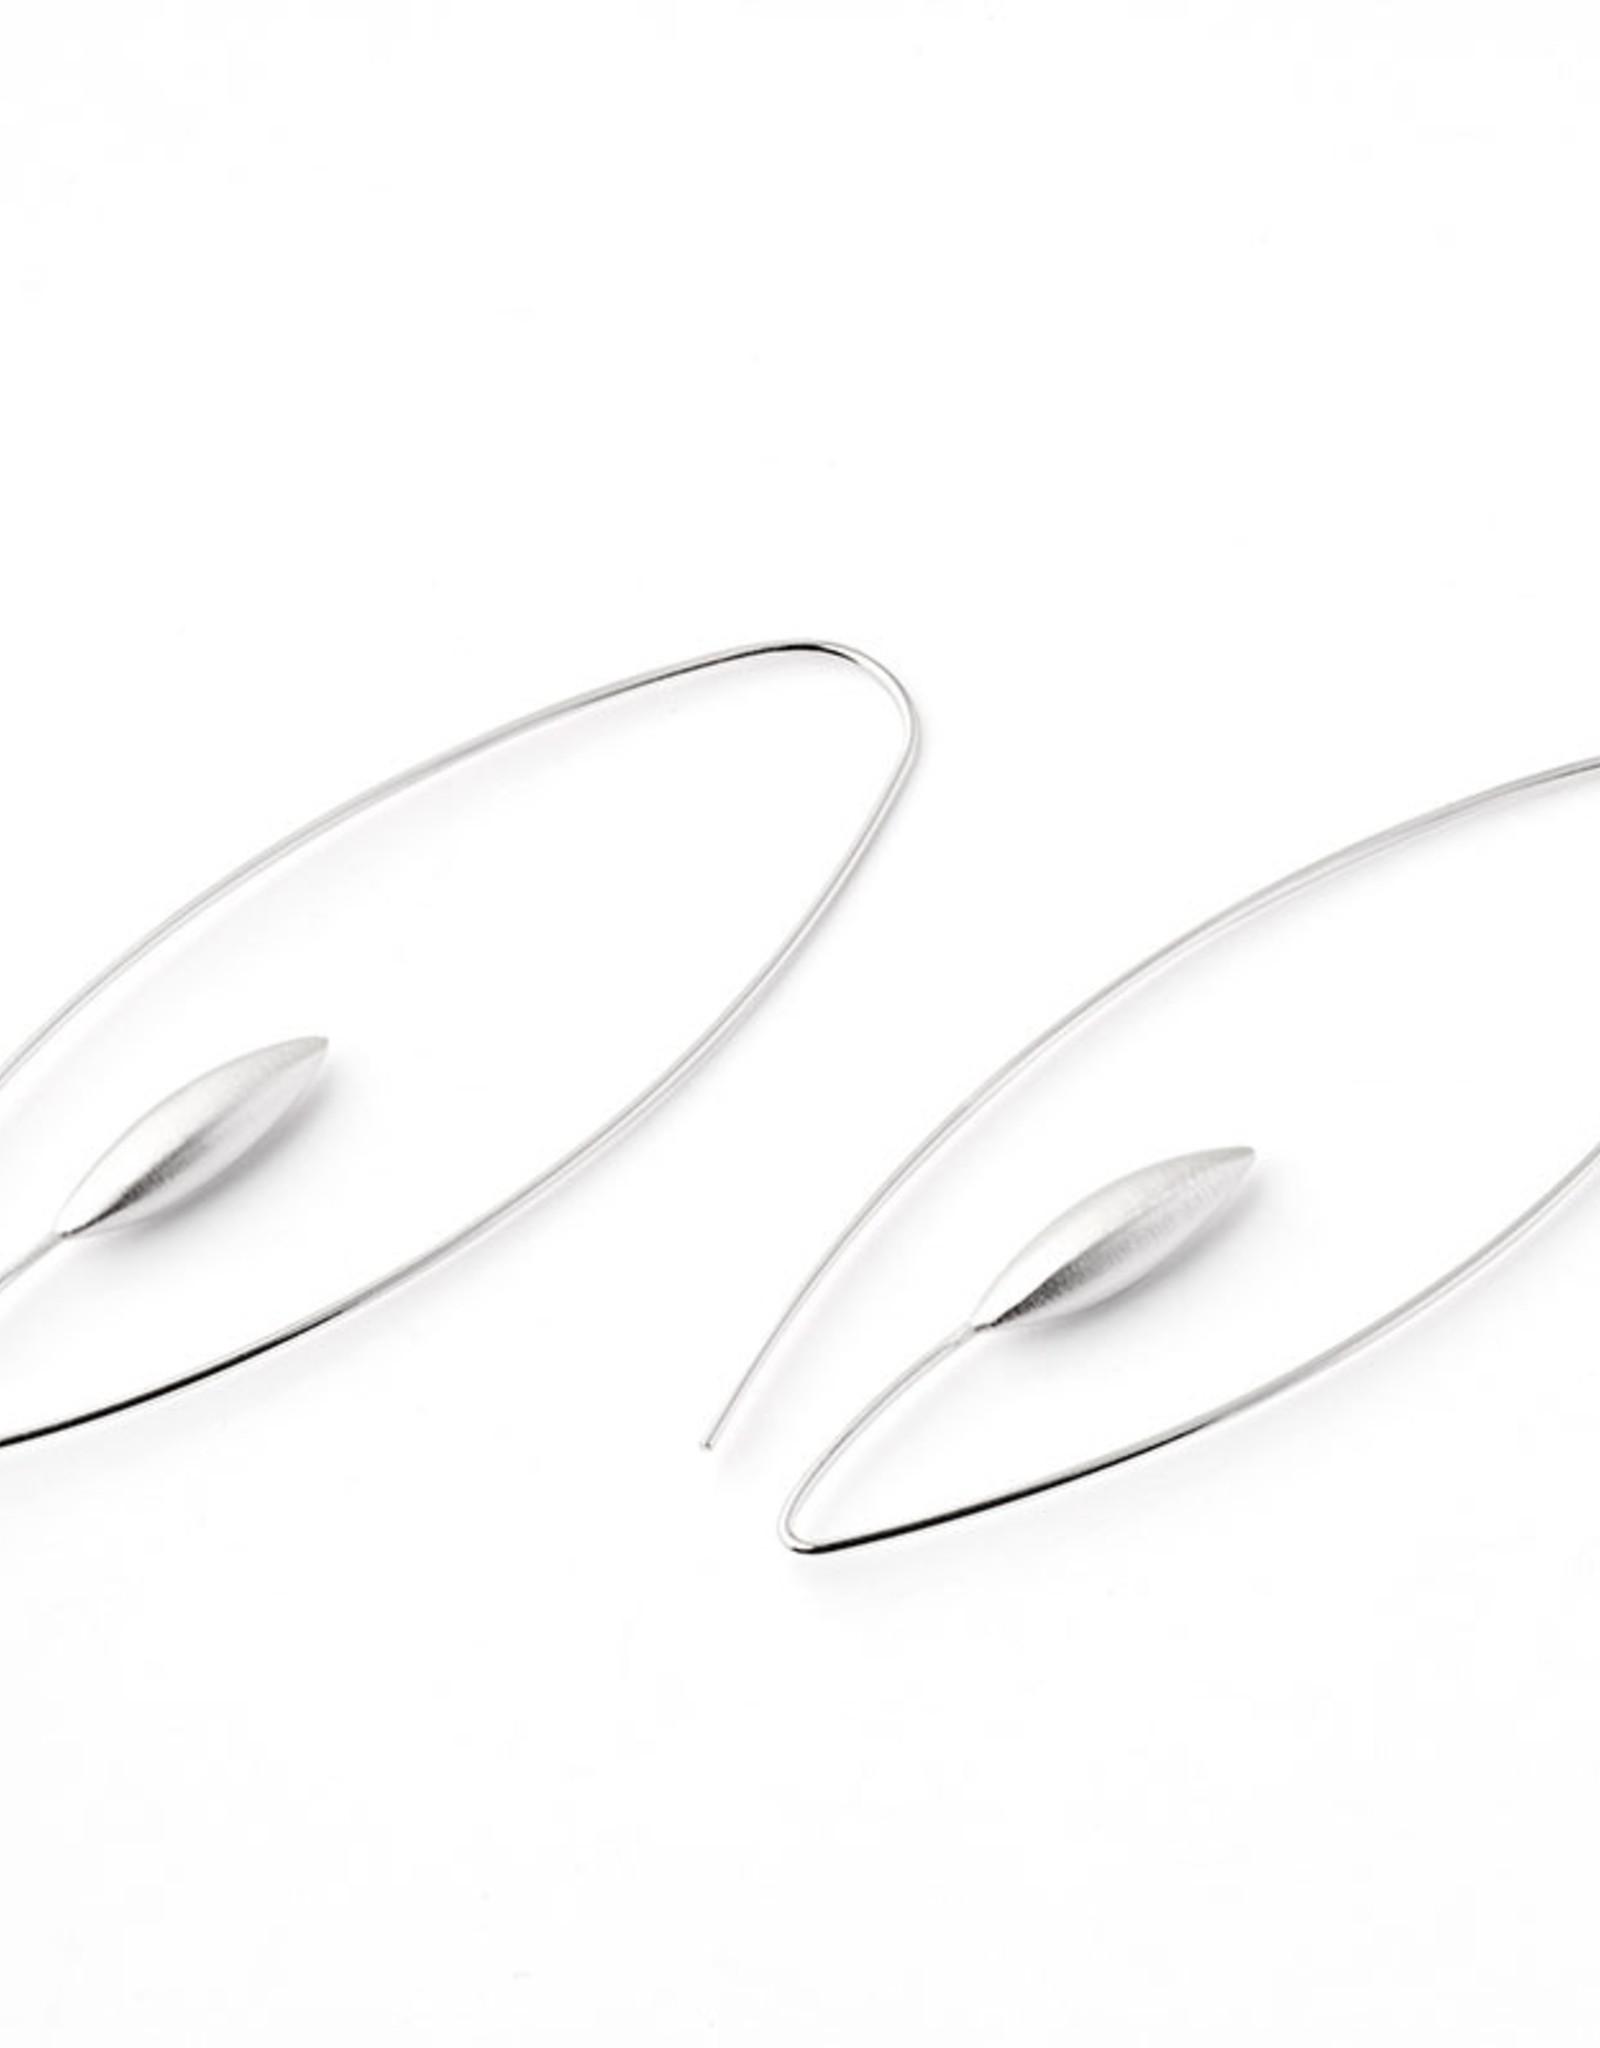 Kelim Wheat Earrings